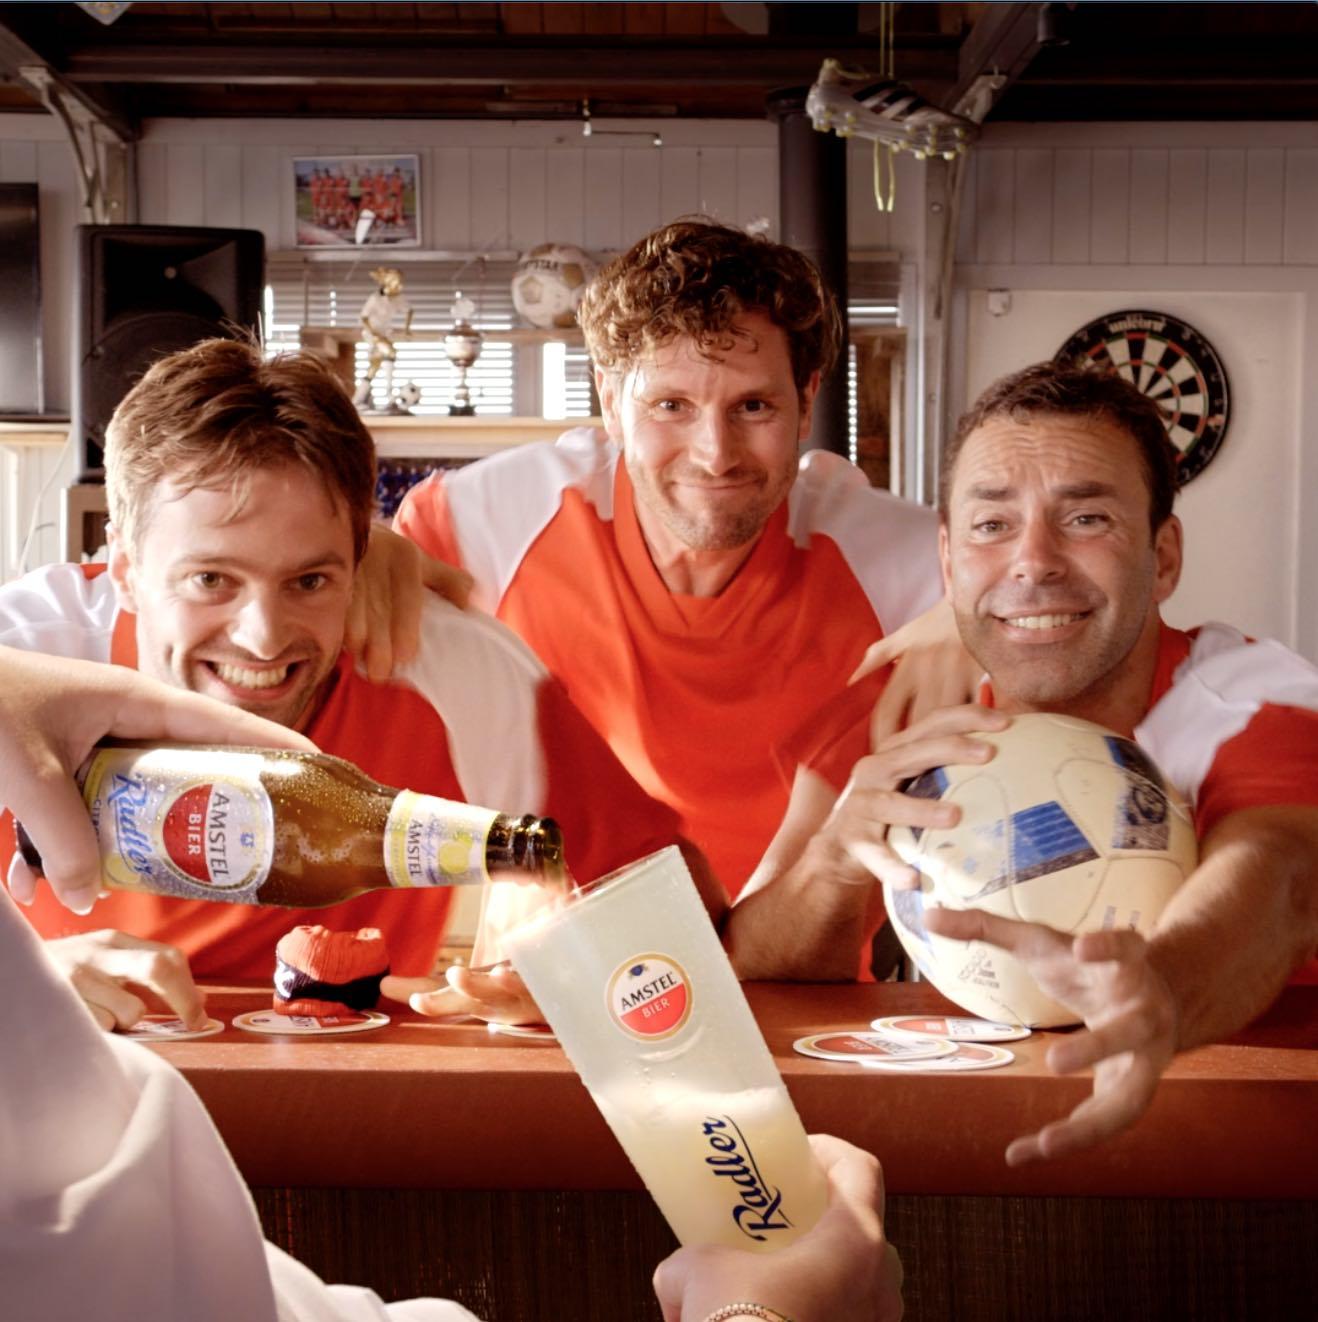 Amstel Radler Commercial Bar